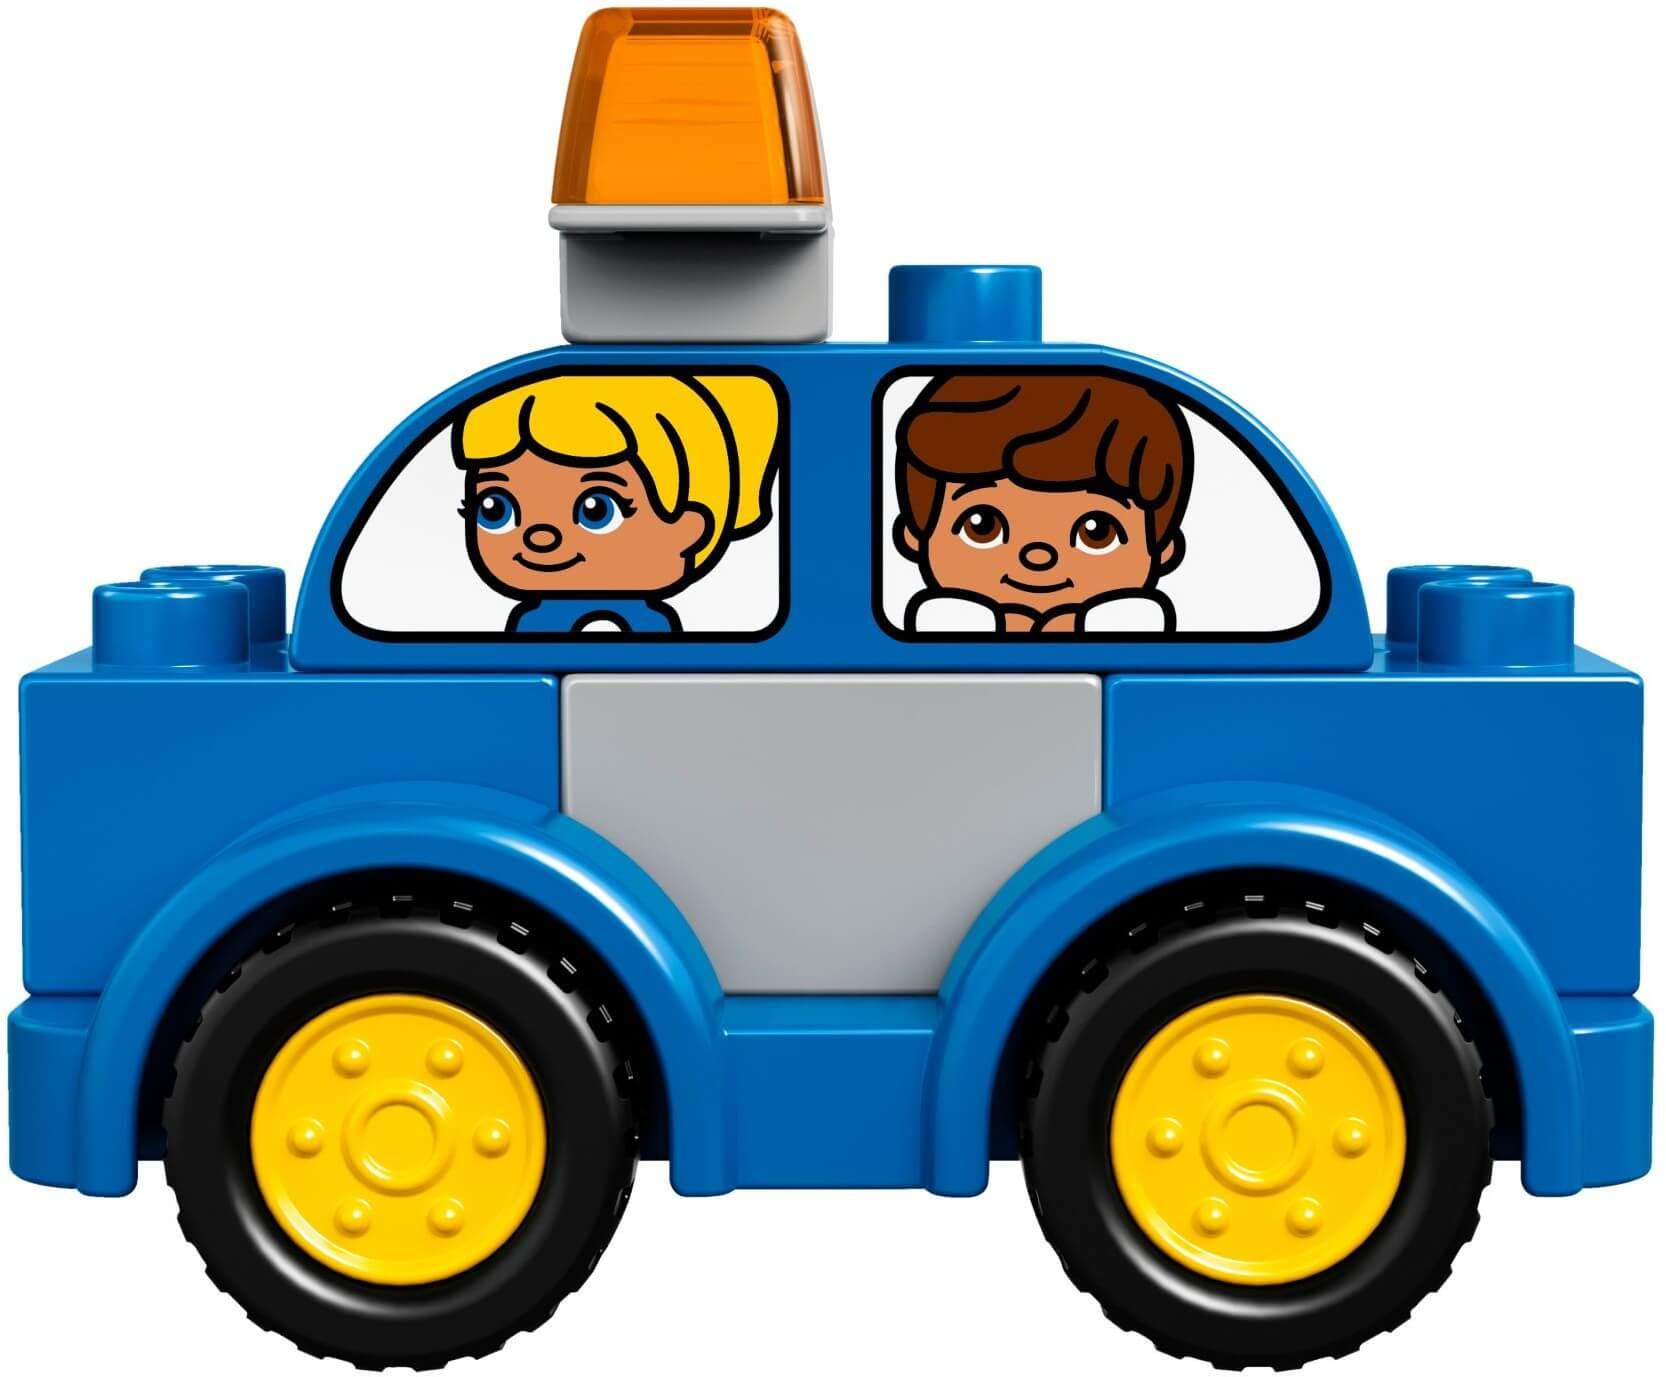 Mua đồ chơi LEGO 10816 - LEGO DUPLO 10816 - Bộ xếp hình Xe Tải và Xe Hơi của Bé (LEGO DUPLO My First Cars and Trucks 10816)